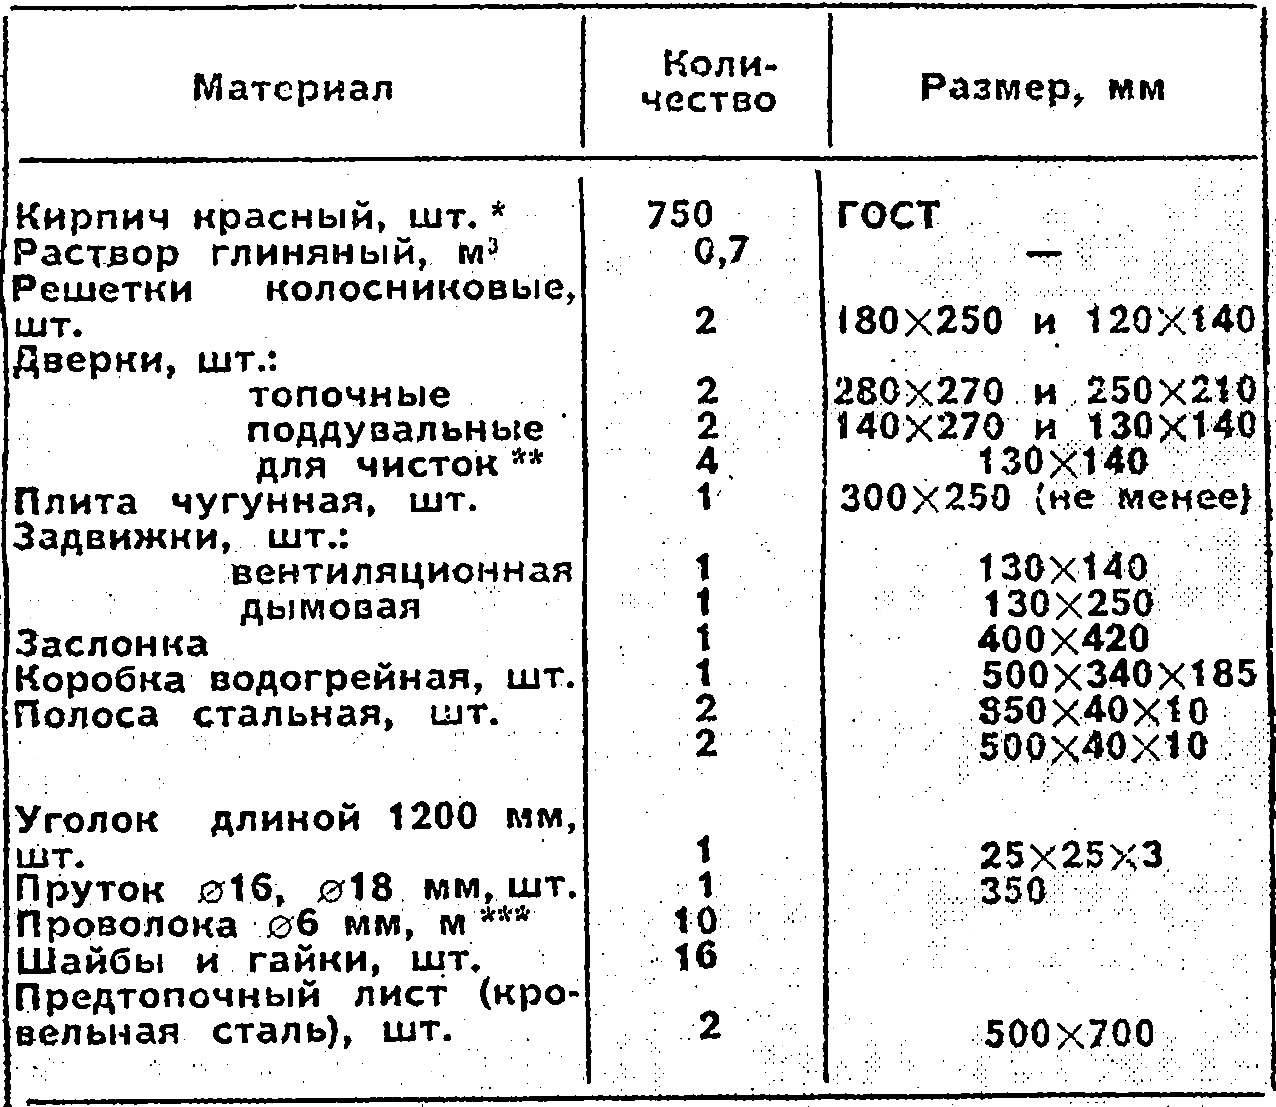 Материалы для кладки печи «экономки».